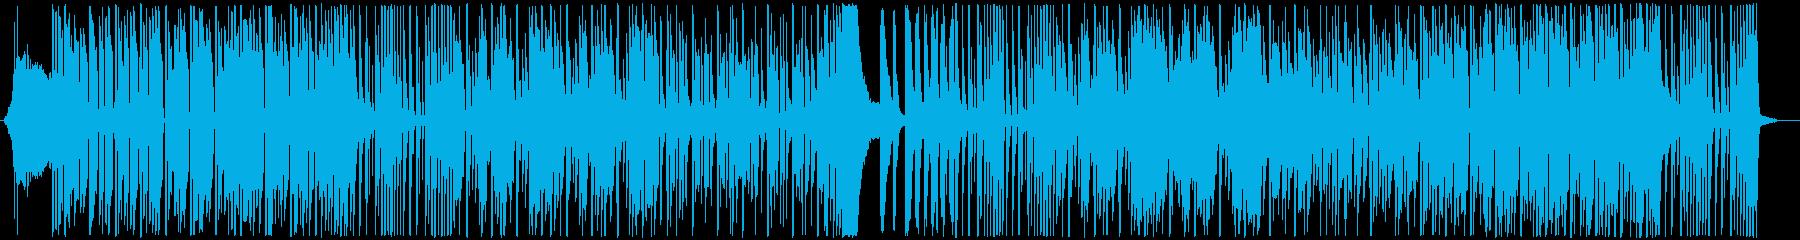 エレクトロとオーケストラの両方の要...の再生済みの波形